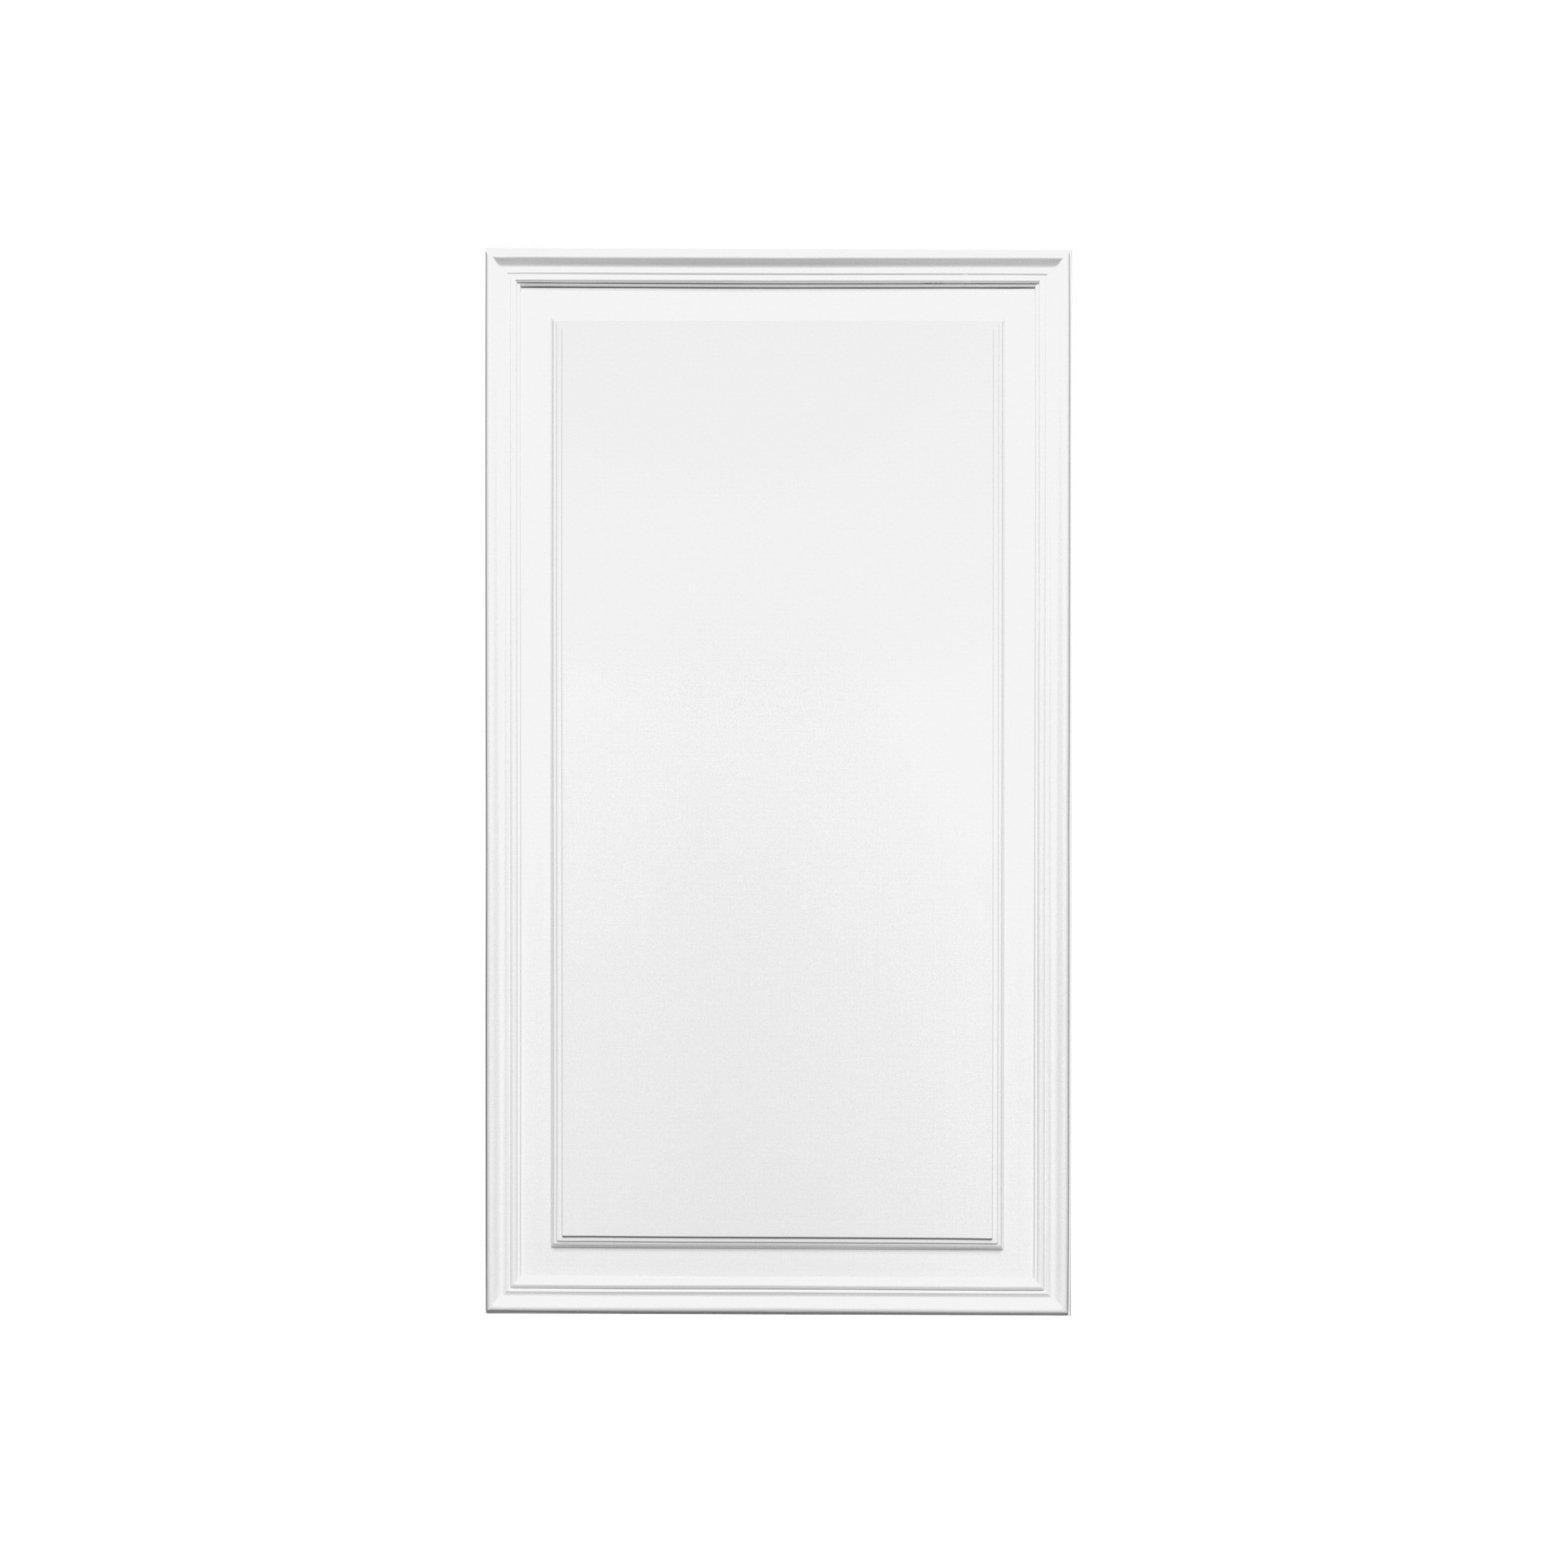 Panel drzwiowy D507 (wym.55x90.5x1.7cm)